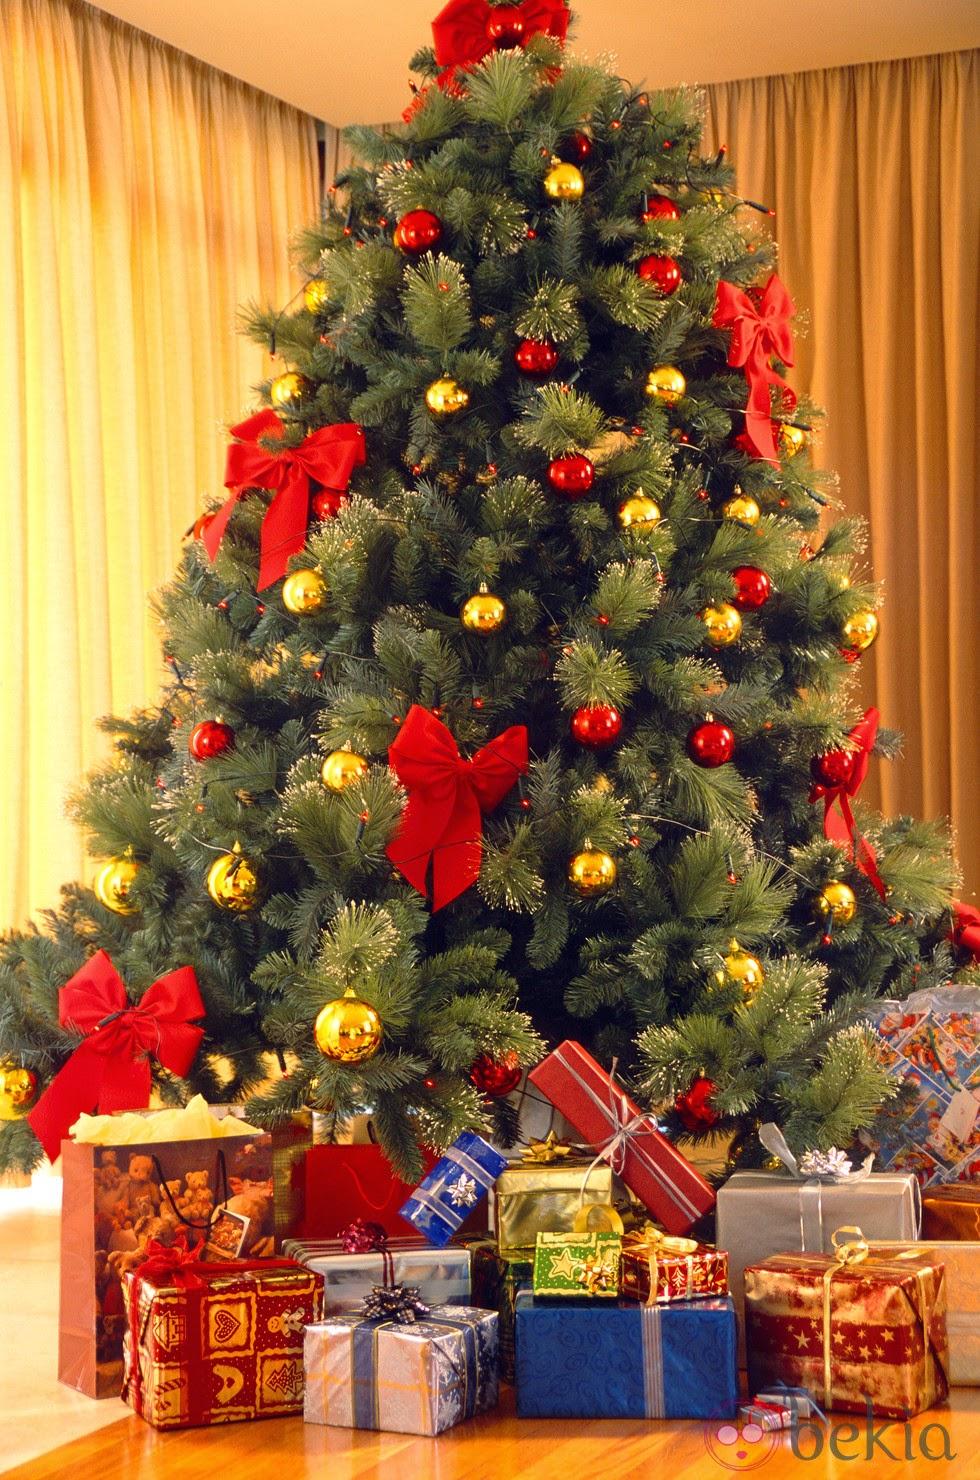 Fotos arboles navidad decorados - Imagenes de arboles de navidad decorados ...